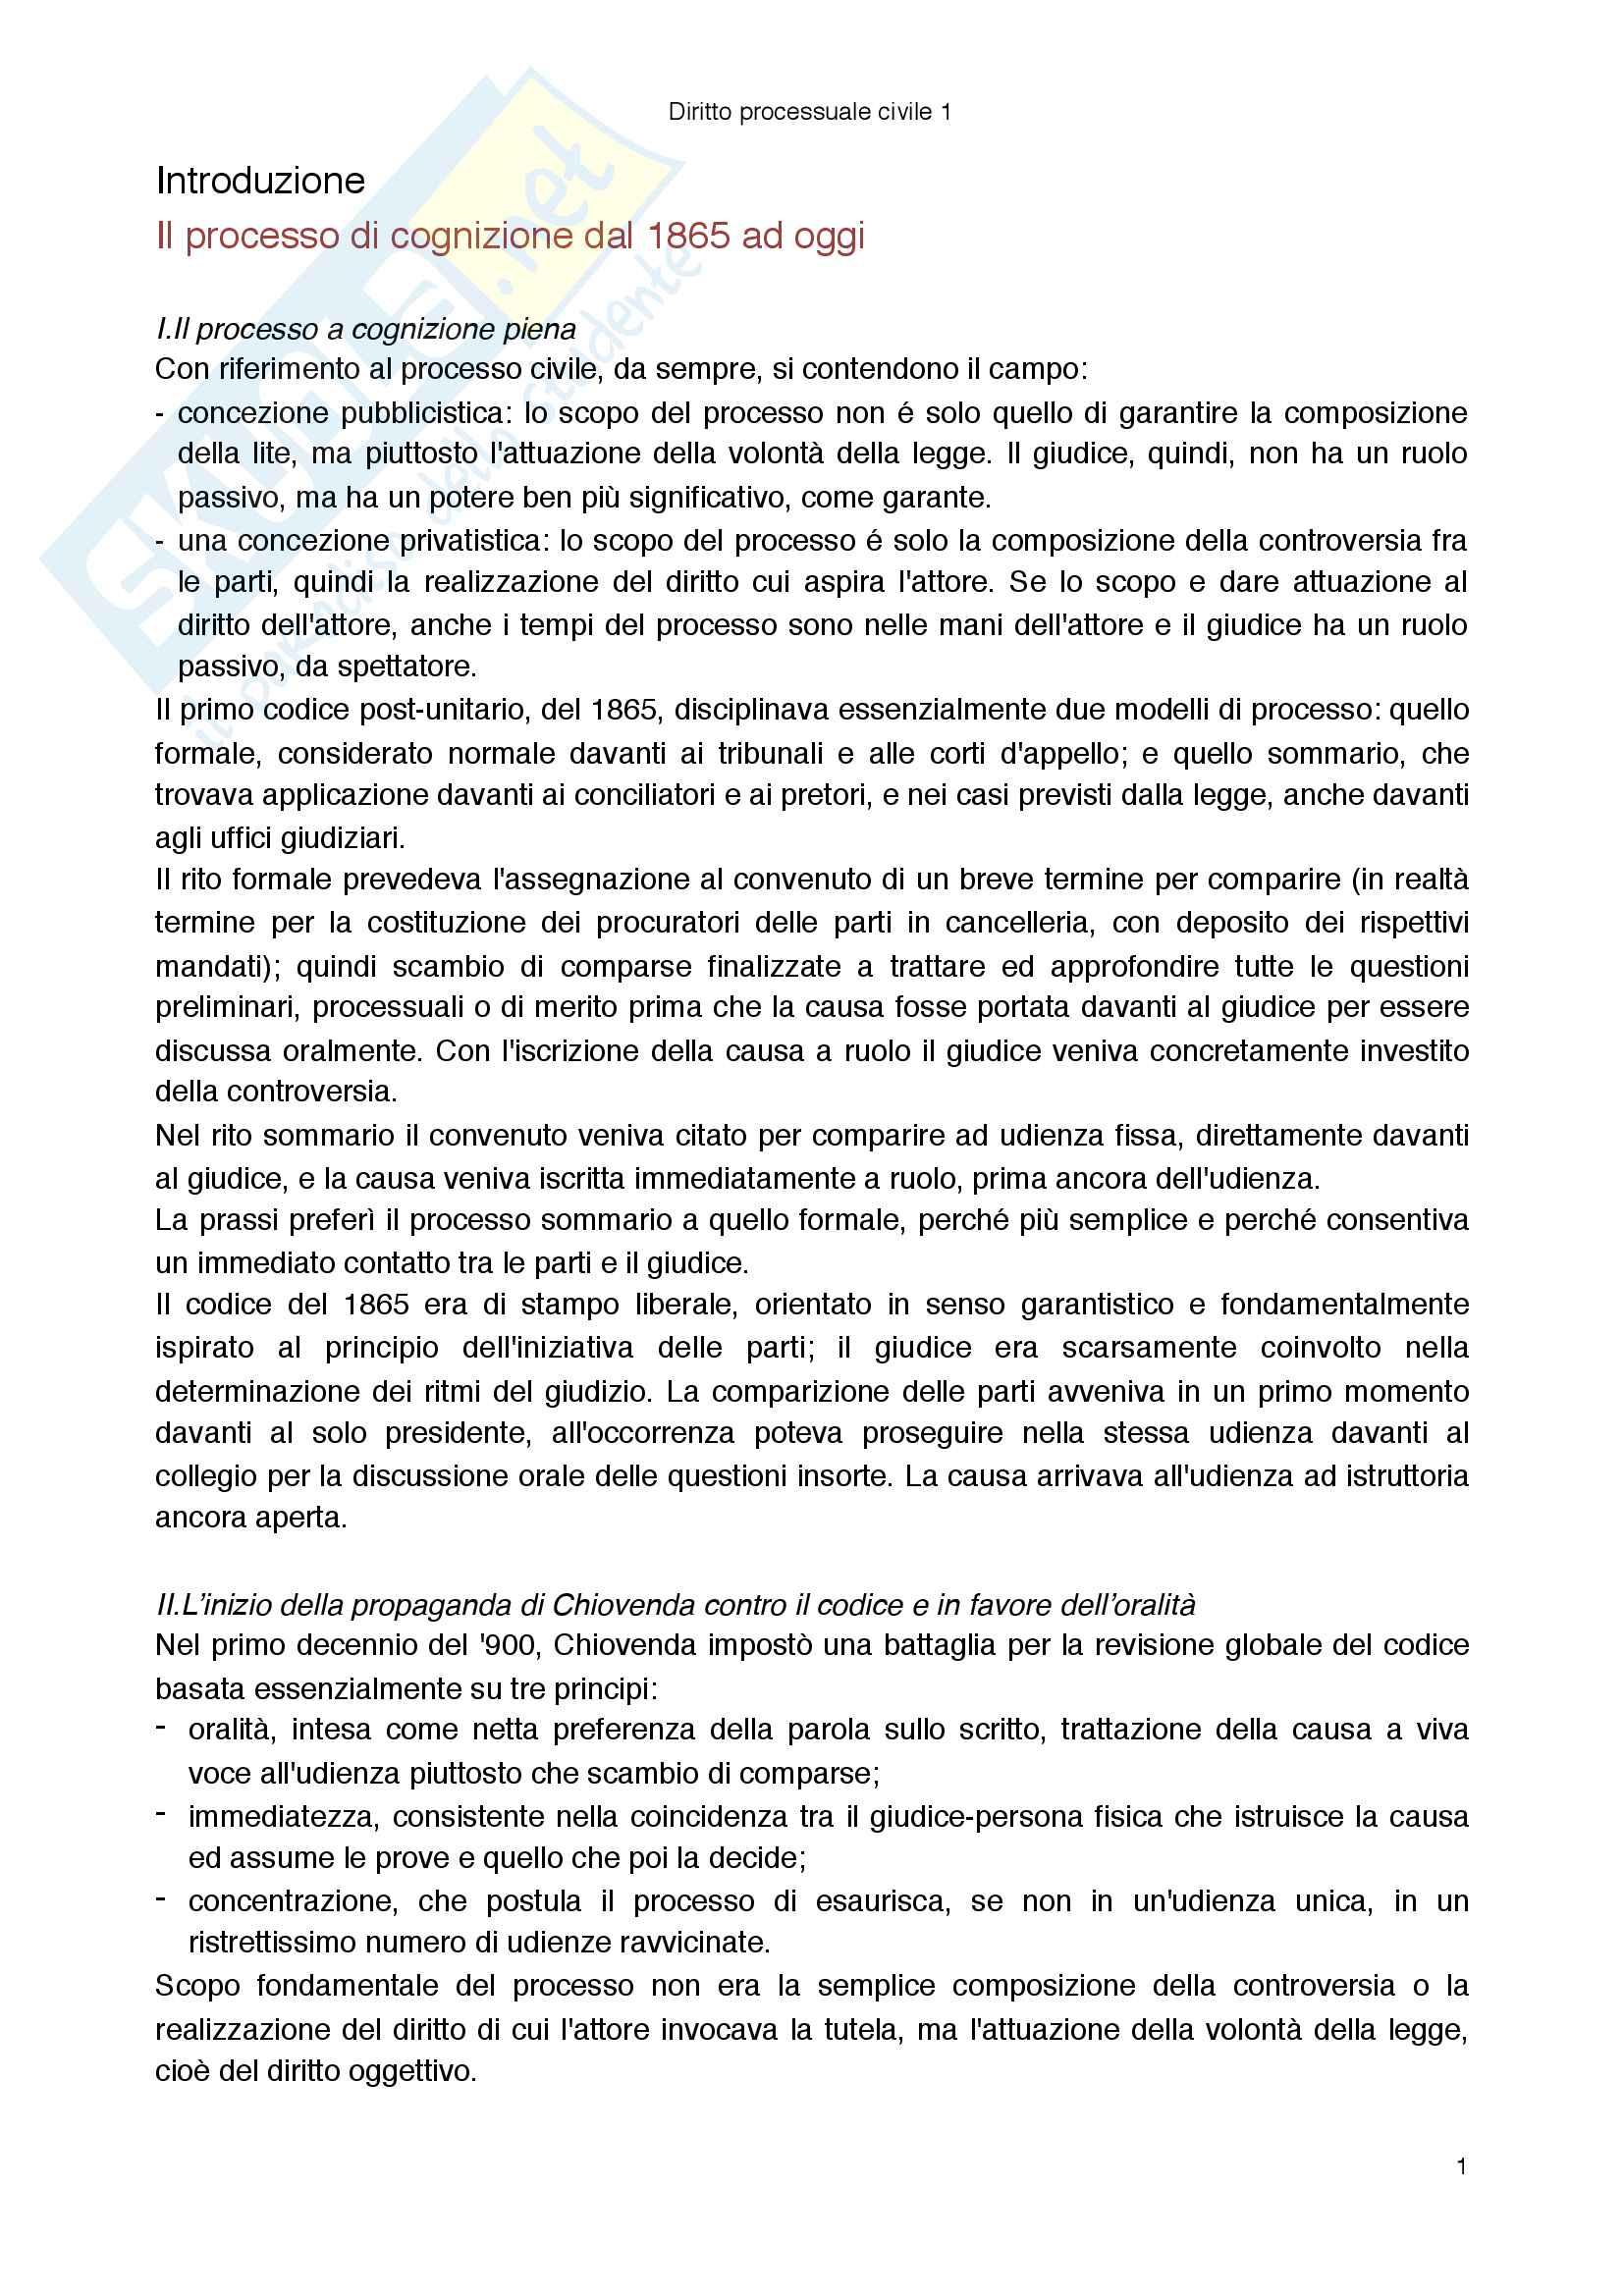 Riassunto esame di Procedura civile, prof Fabiani libro consigliato Diritto processuale civile, vol 2, Balena